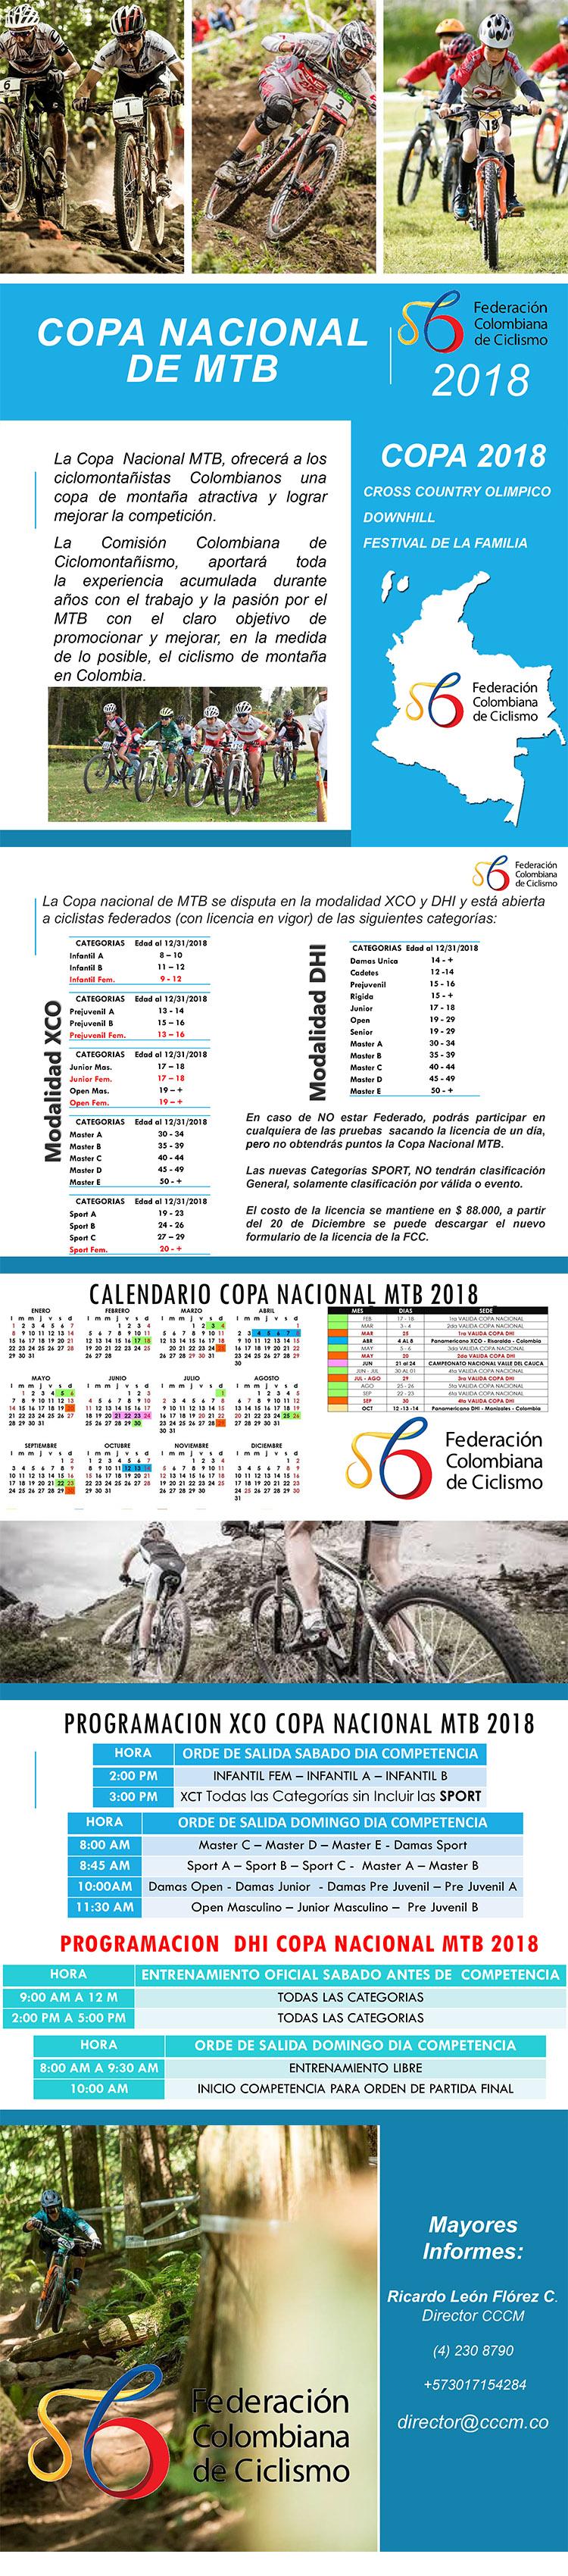 Presentación Copa Colombia 2018 XCO - DHI